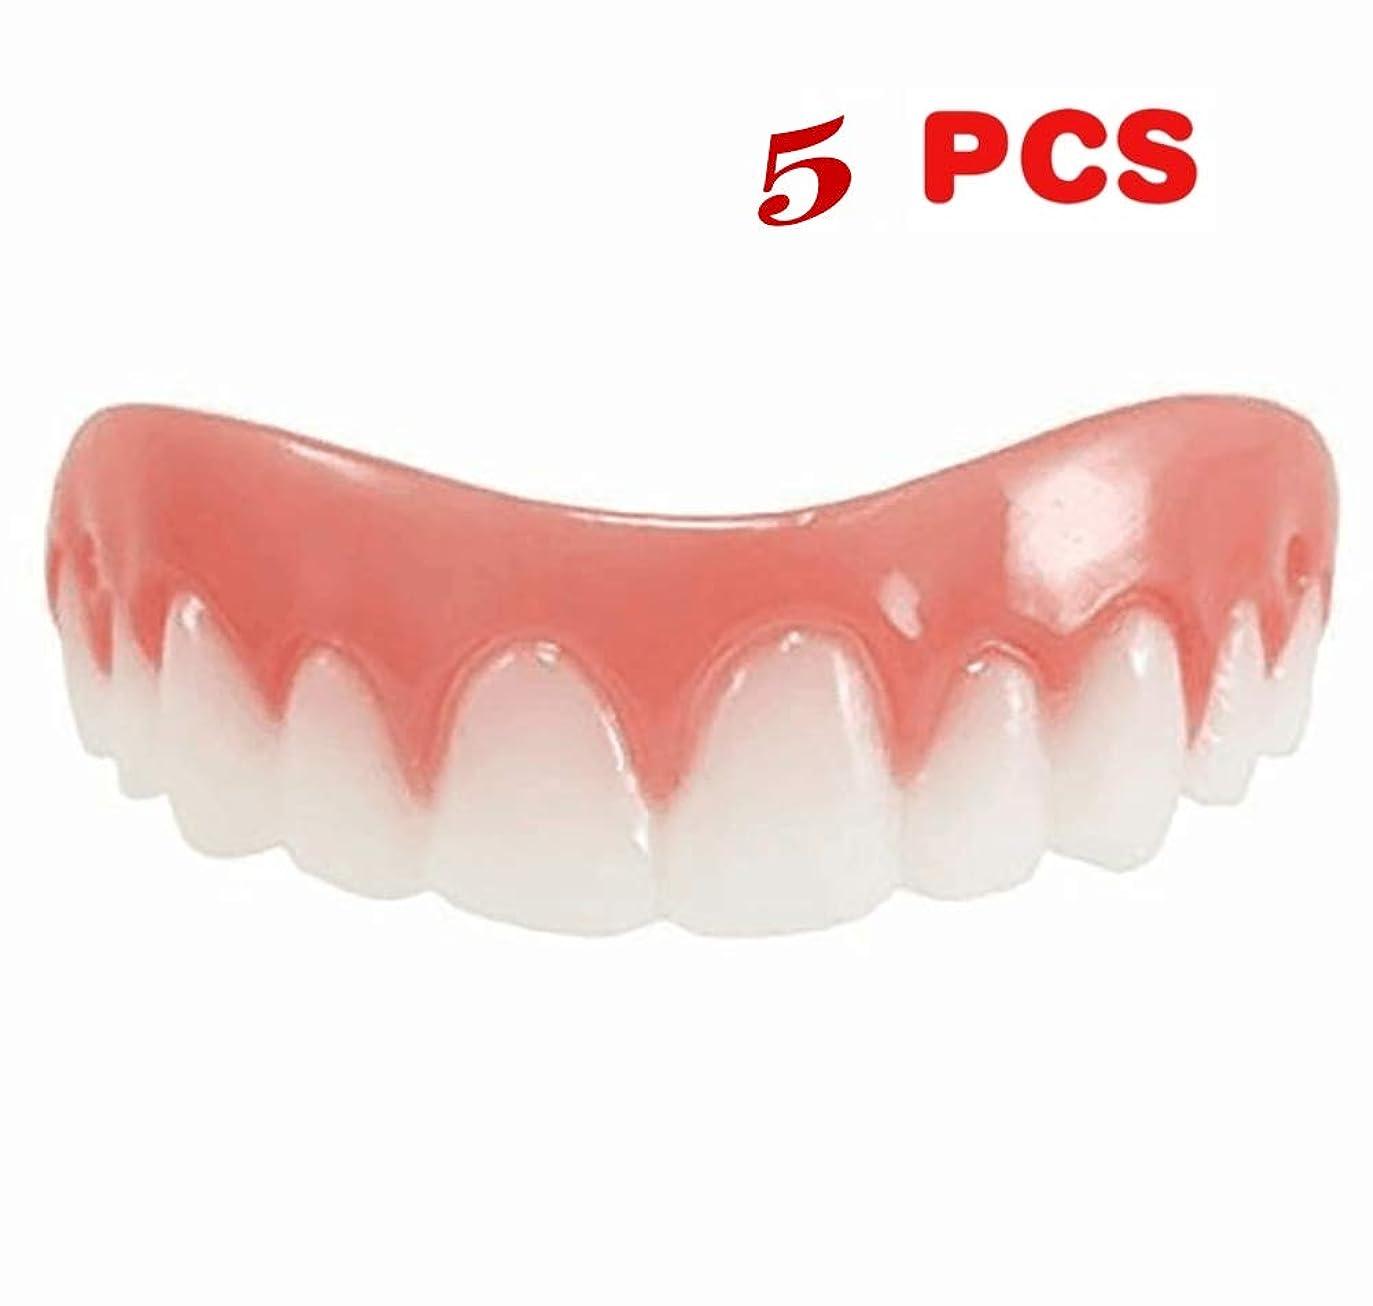 煙カメラ過言新しい再利用可能な大人のスナップオンパーフェクトスマイルホワイトニング義歯フィットフレックス化粧品歯快適なベニアカバーデンタルケアアクセサリー